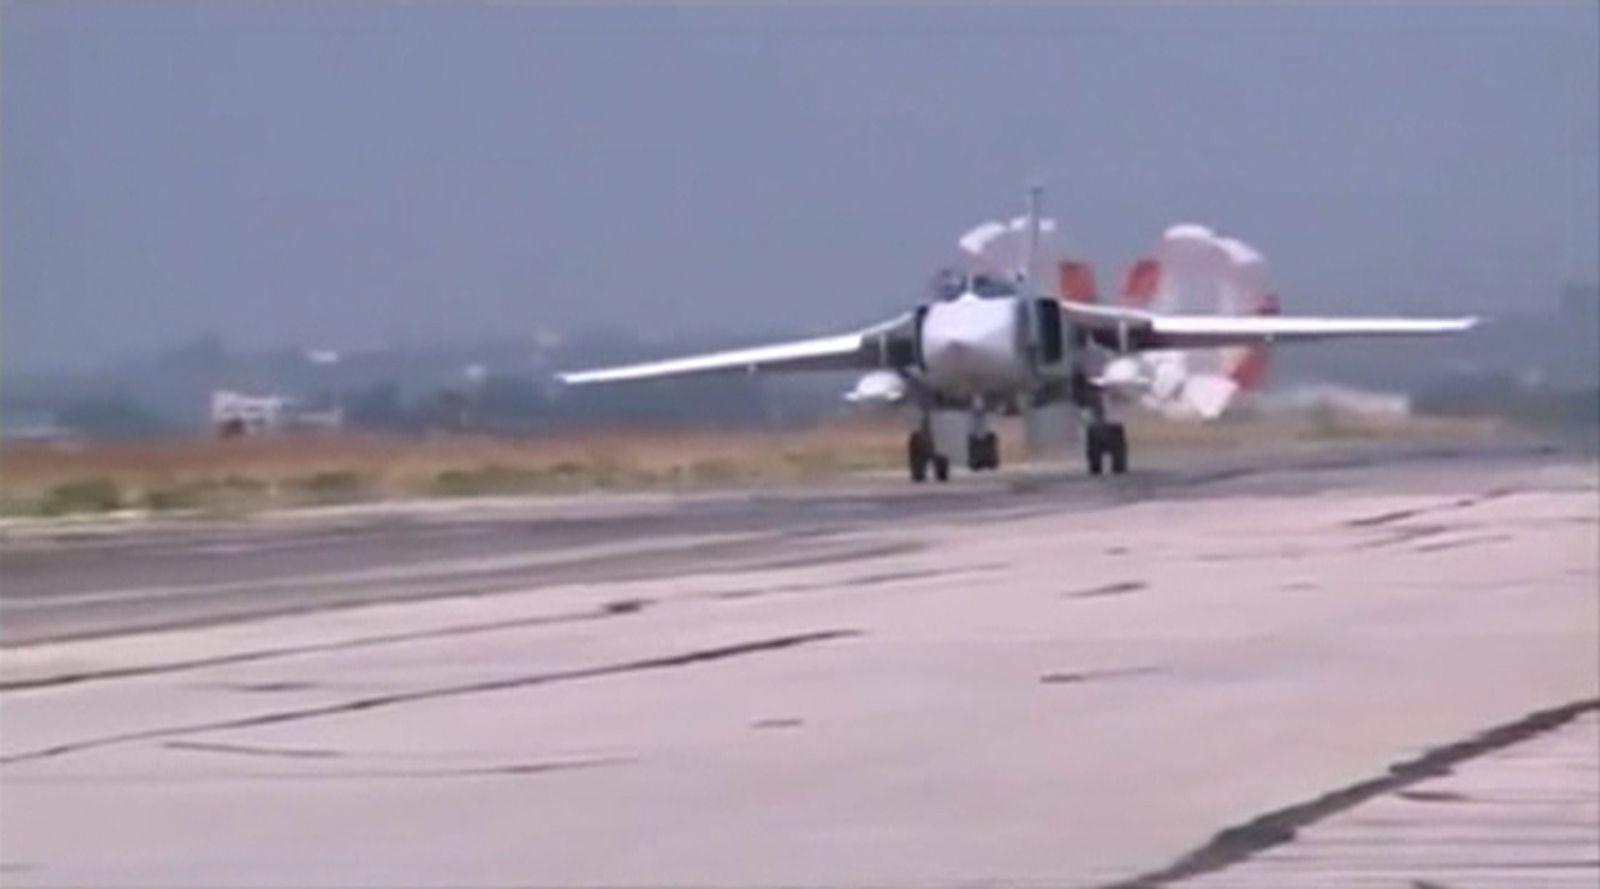 Syrien / Russland / Flugzeug